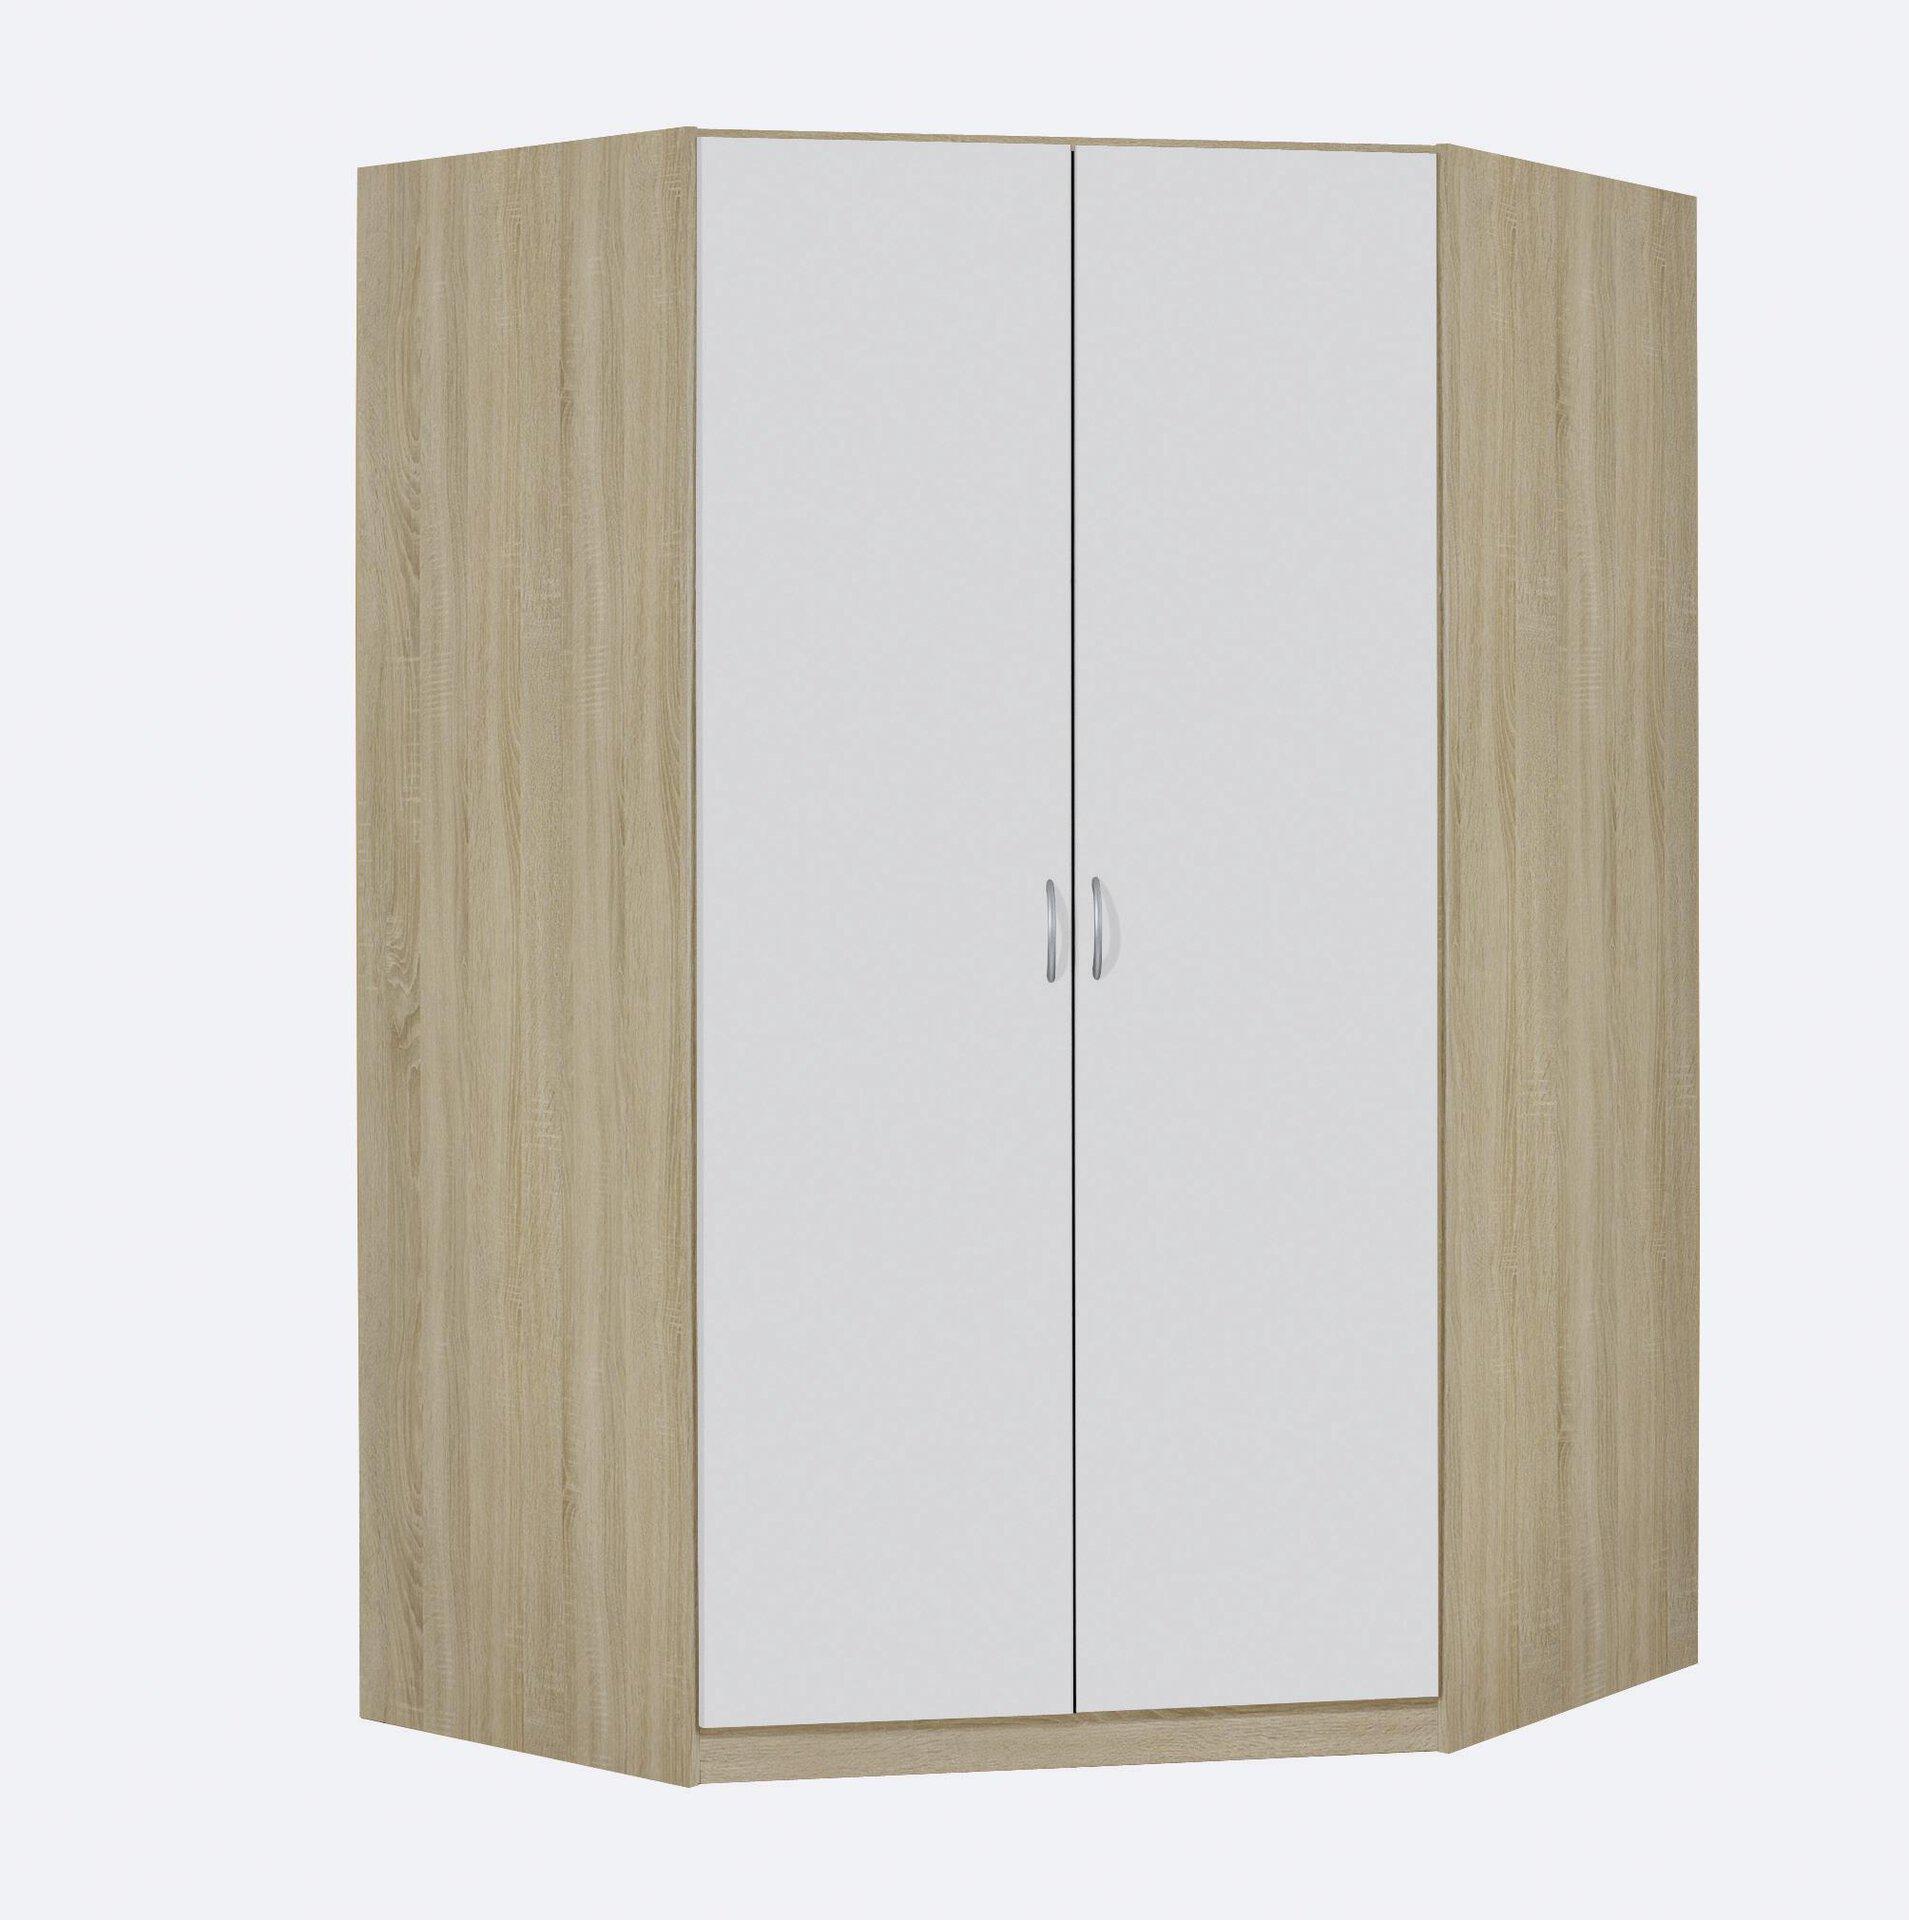 Eckkleiderschrank CASE rauch BLUE Holzwerkstoff 117 x 197 x 117 cm